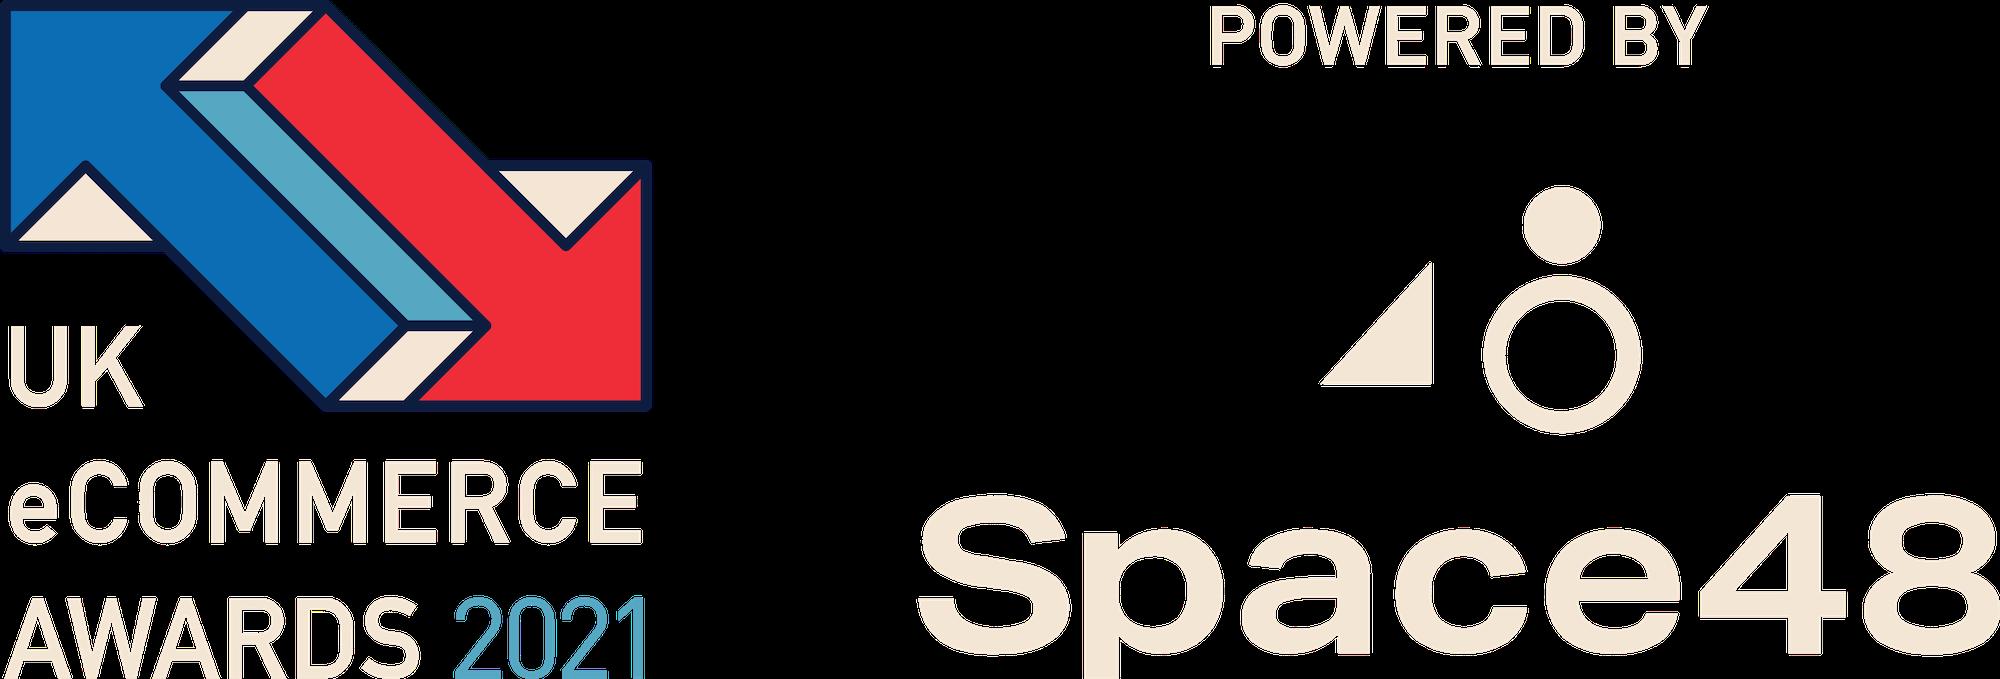 UK eCommerce Awards logo